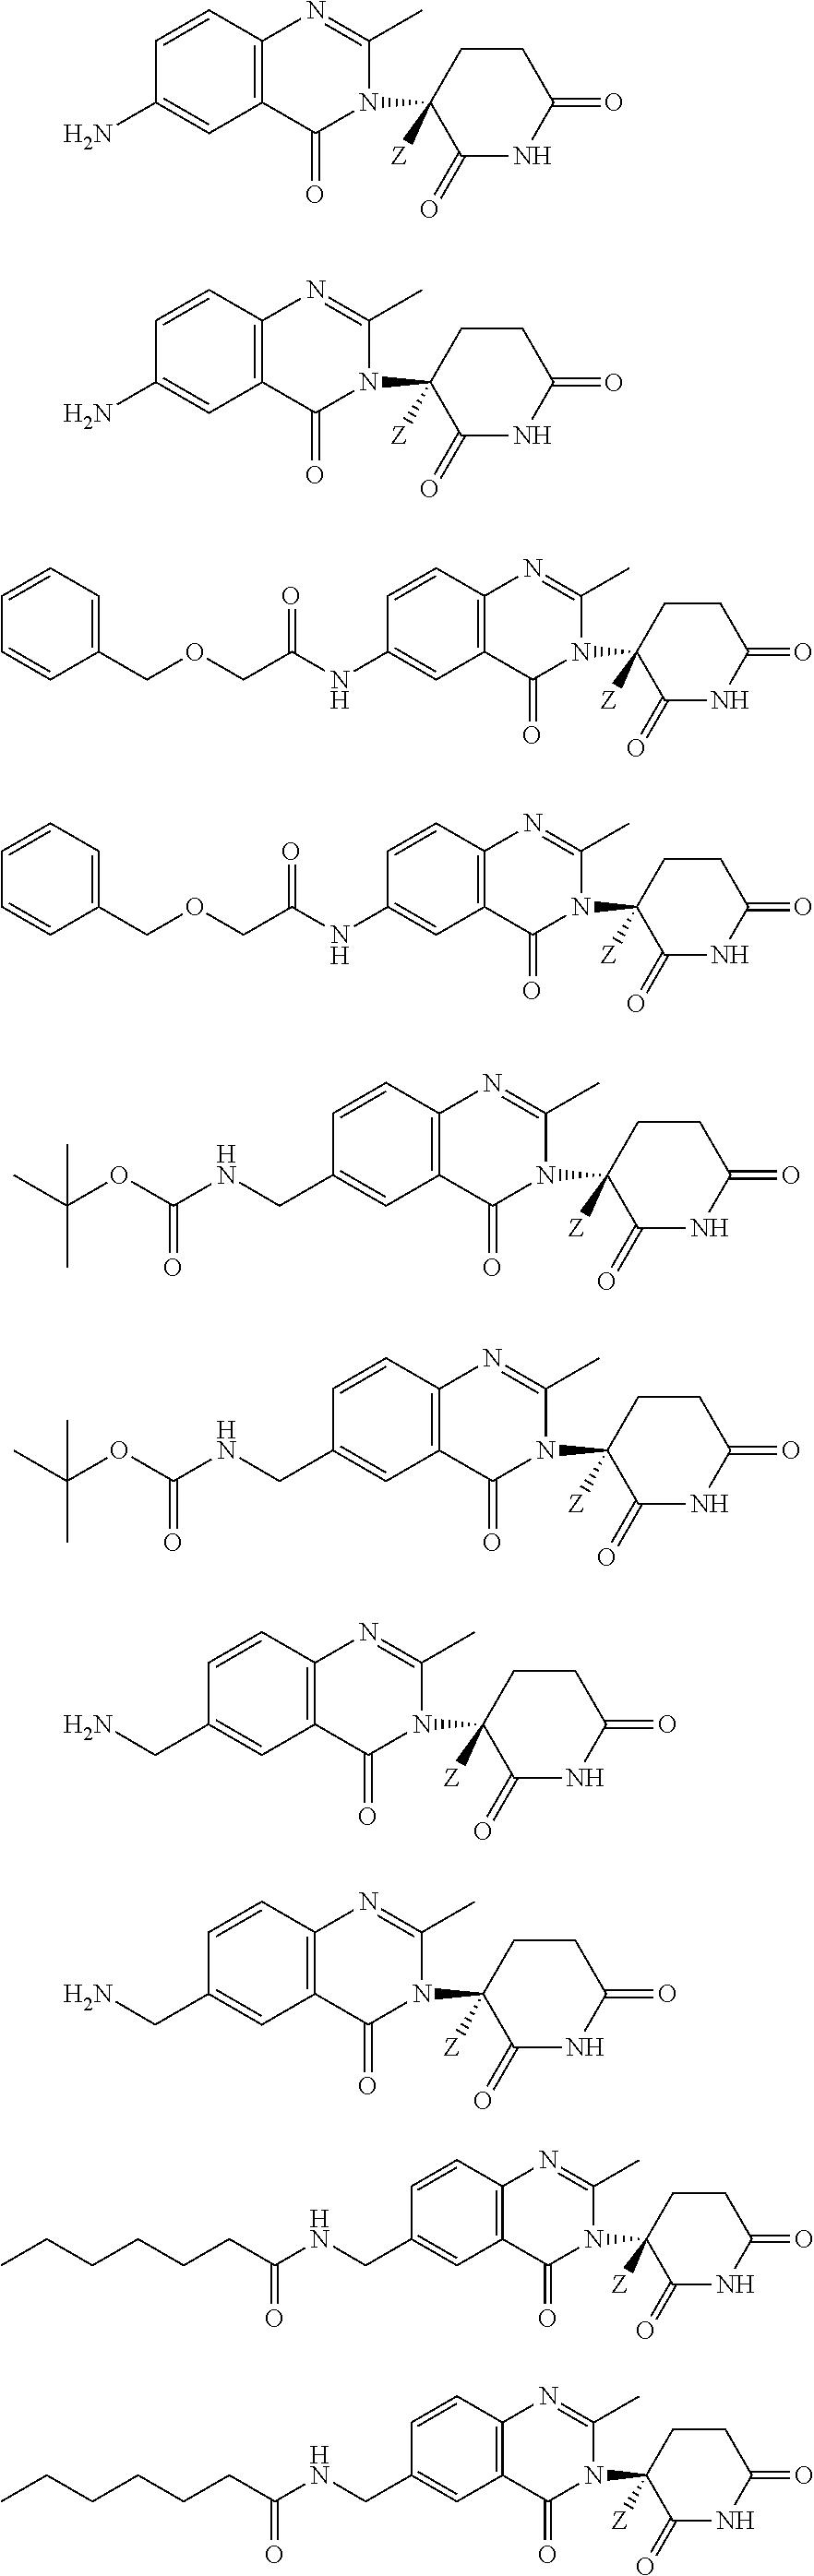 Figure US09913845-20180313-C00054